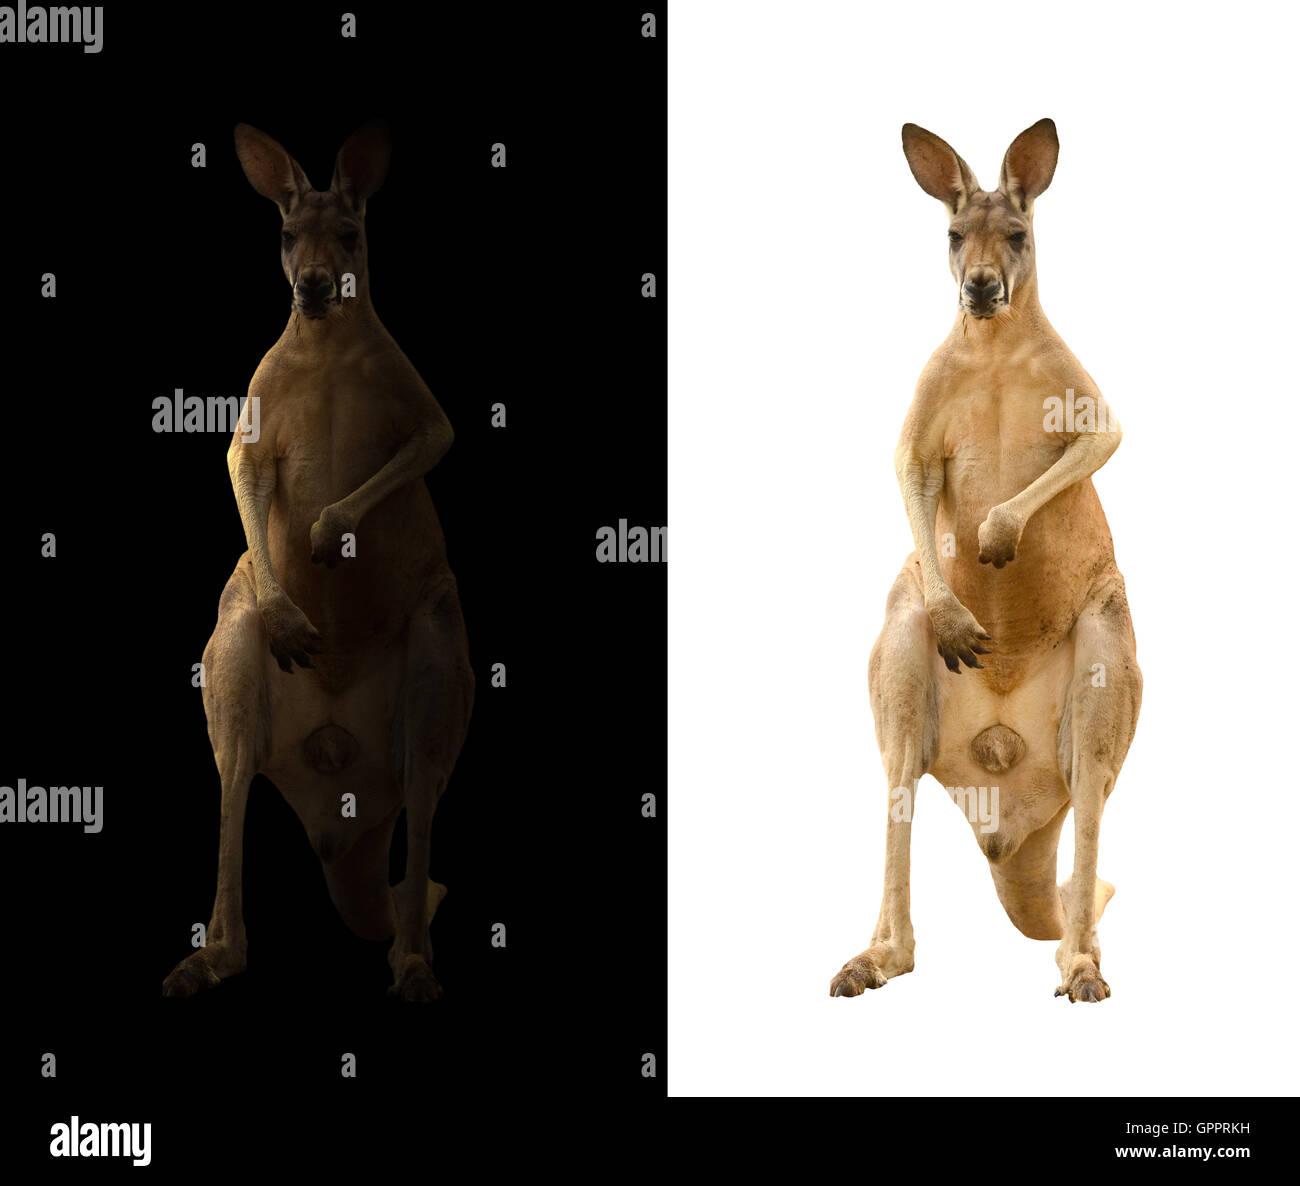 kangaroo isolated and kangaroo in the dark - Stock Image